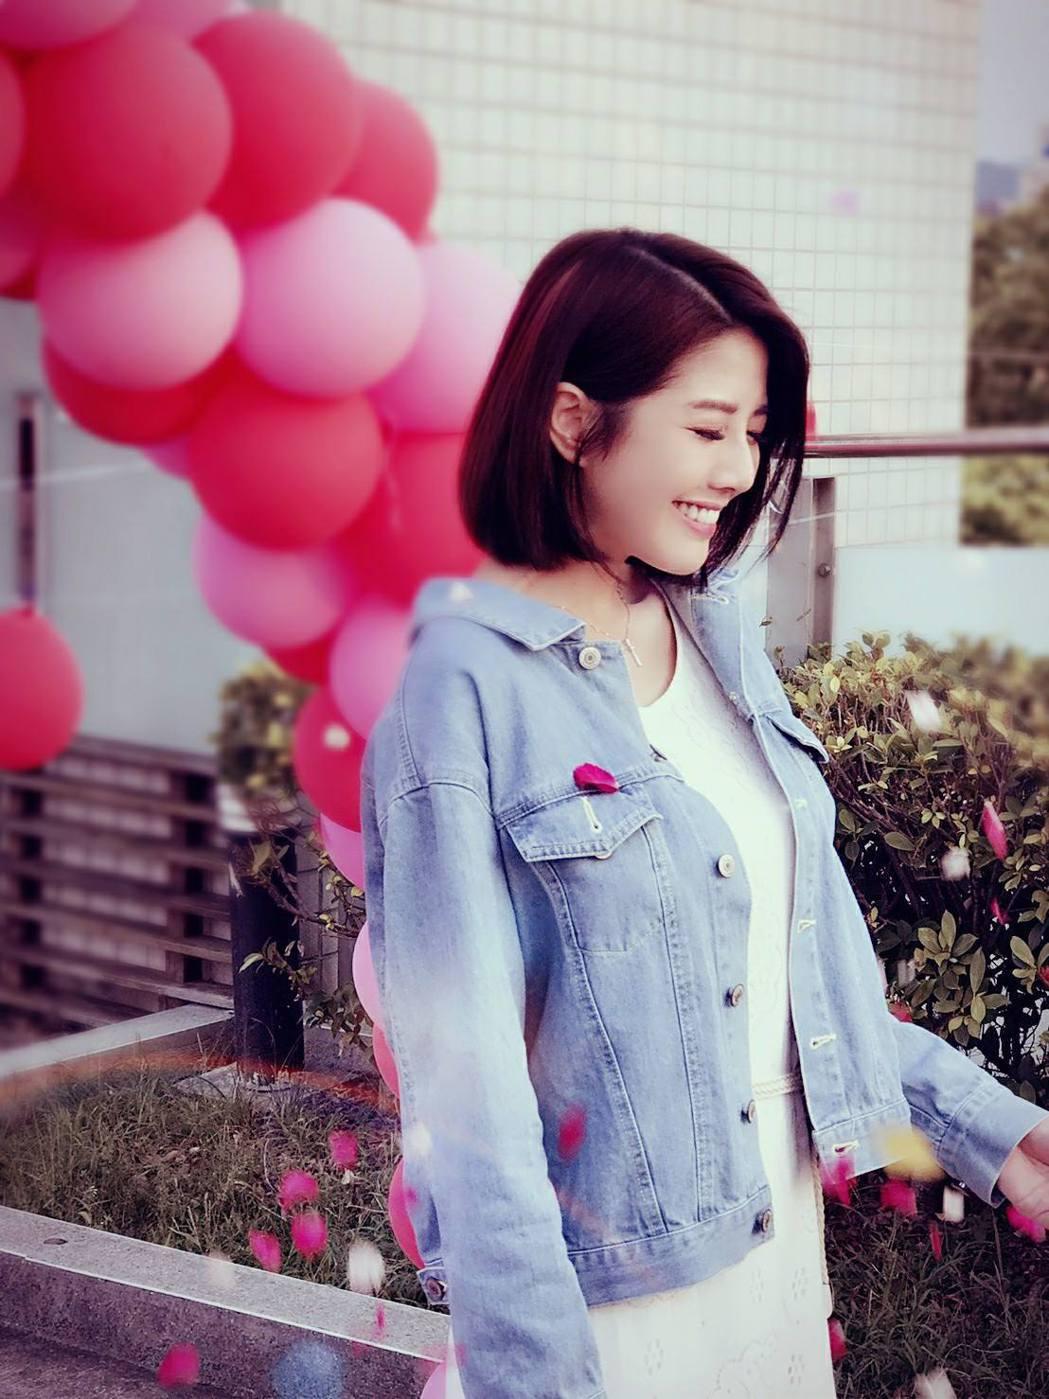 韓瑜PO出自己笑得燦爛的照片。圖/摘自臉書